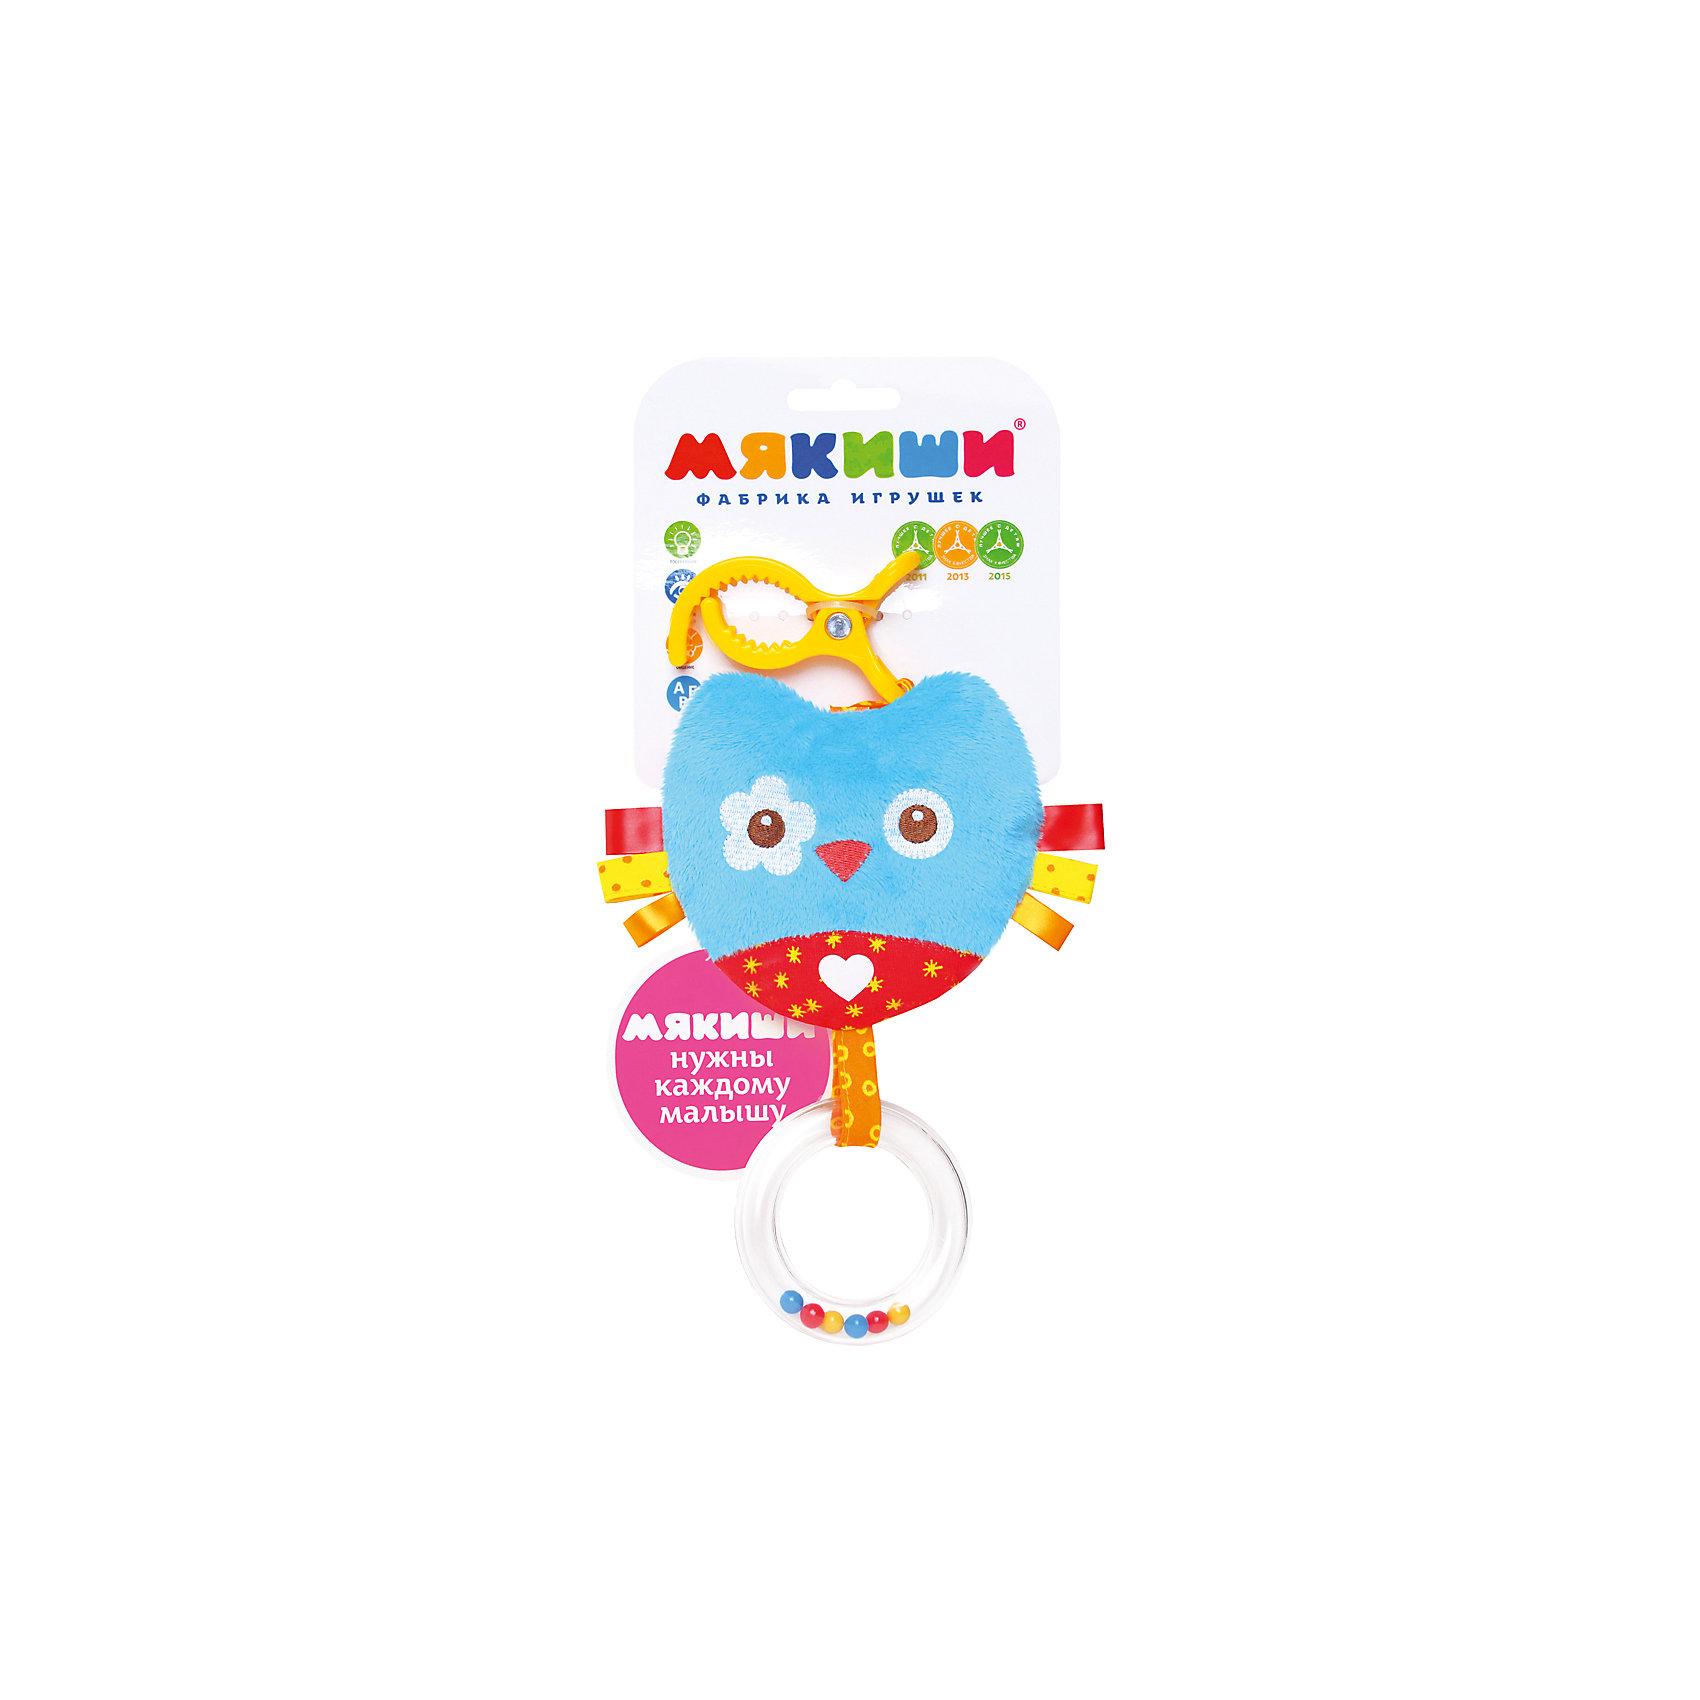 Подвеска Сова, МякишиПодвески<br>Характеристики товара:<br><br>• материал: разнофактурный текстиль, холлофайбер<br>• комплектация: 1 шт<br>• размер игрушки: 16х29х4 см<br>• звуковой элемент<br>• клипса для крепления<br>• прорезыватель<br>• развивающая игрушка<br>• упаковка: ламинированный картонный холдер<br>• страна бренда: РФ<br>• страна изготовитель: РФ<br><br>Малыши активно познают мир и тянутся к новой информации. Чтобы сделать процесс изучения окружающего пространства интереснее, ребенку можно подарить развивающие игрушки. В процессе игры информация усваивается намного лучше!<br>Такие игрушки помогут занять малыша, играть ими приятно и весело. Одновременно они позволят познакомиться со многими цветами, фактурами, а также научиться извлекать звук. Подобные игрушки развивают тактильные ощущения, моторику, цветовосприятие, логику, воображение, учат фокусировать внимание. Каждое изделие абсолютно безопасно – оно создано из качественной ткани с мягким наполнителем. Игрушки производятся из качественных и проверенных материалов, которые безопасны для детей.<br><br>Подвеску Сова от бренда Мякиши можно купить в нашем интернет-магазине.<br><br>Ширина мм: 320<br>Глубина мм: 150<br>Высота мм: 40<br>Вес г: 40<br>Возраст от месяцев: 12<br>Возраст до месяцев: 36<br>Пол: Унисекс<br>Возраст: Детский<br>SKU: 5183210